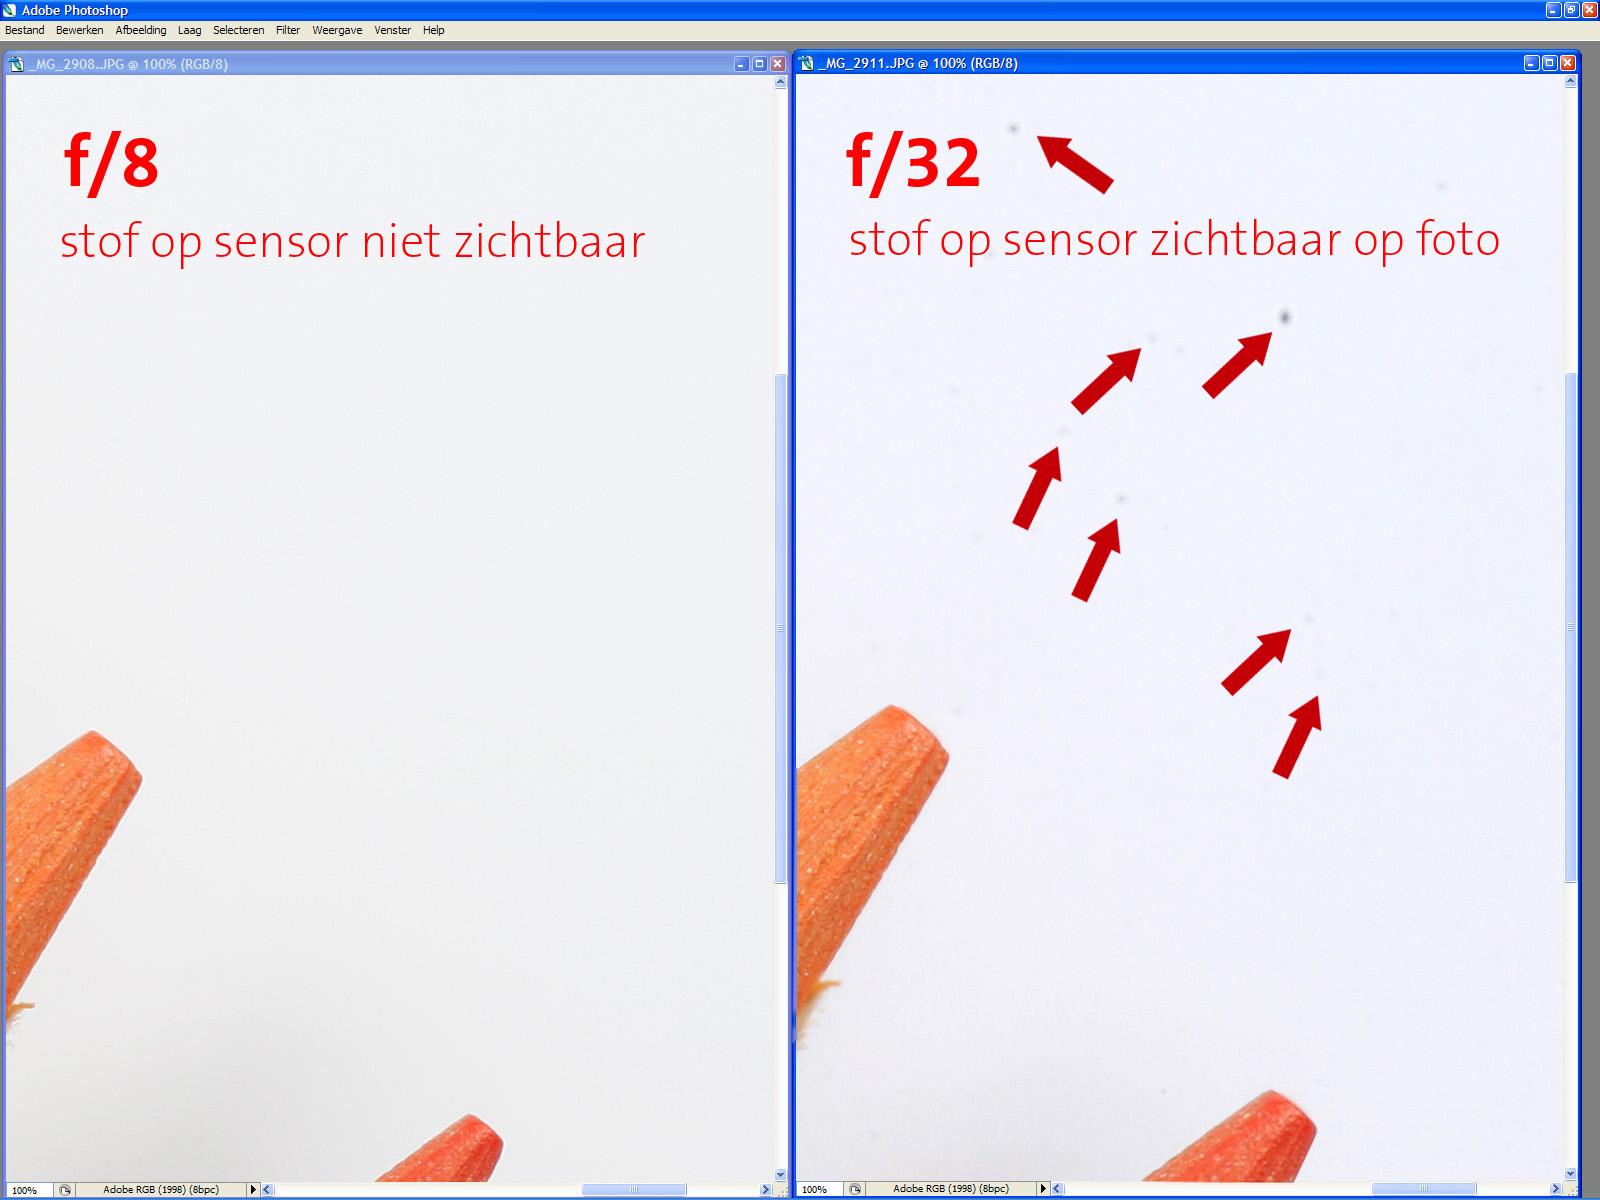 plaatje van stof op de sensor niet zichtbaar en wel zichtbaar